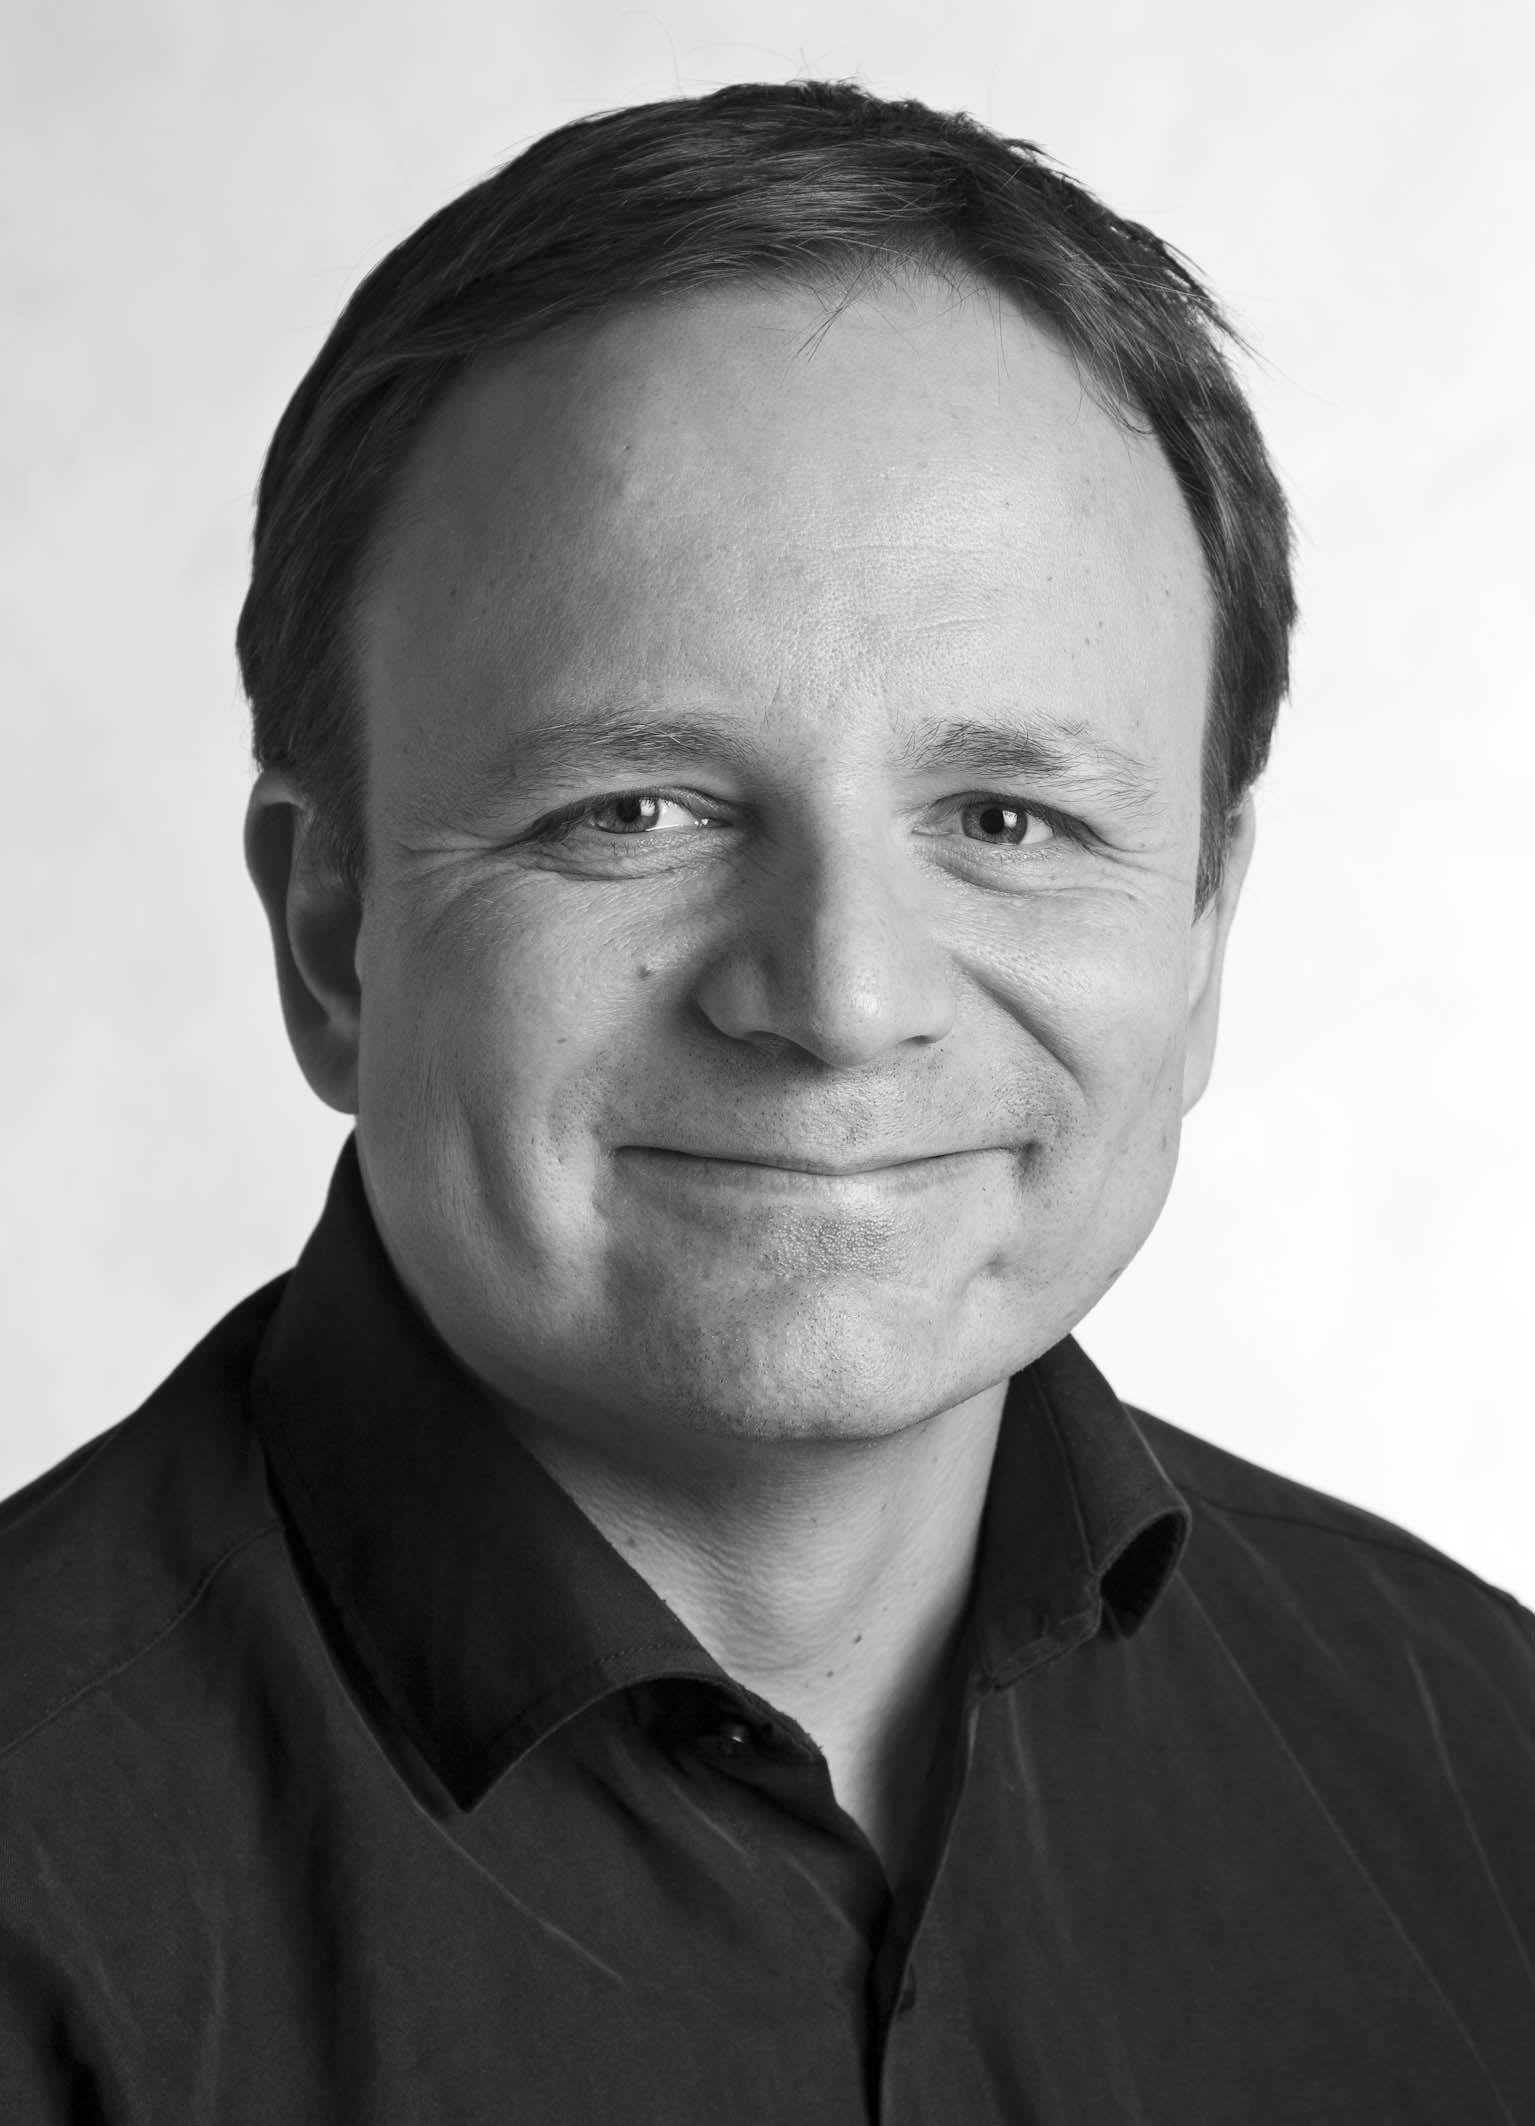 Fredrik Björk